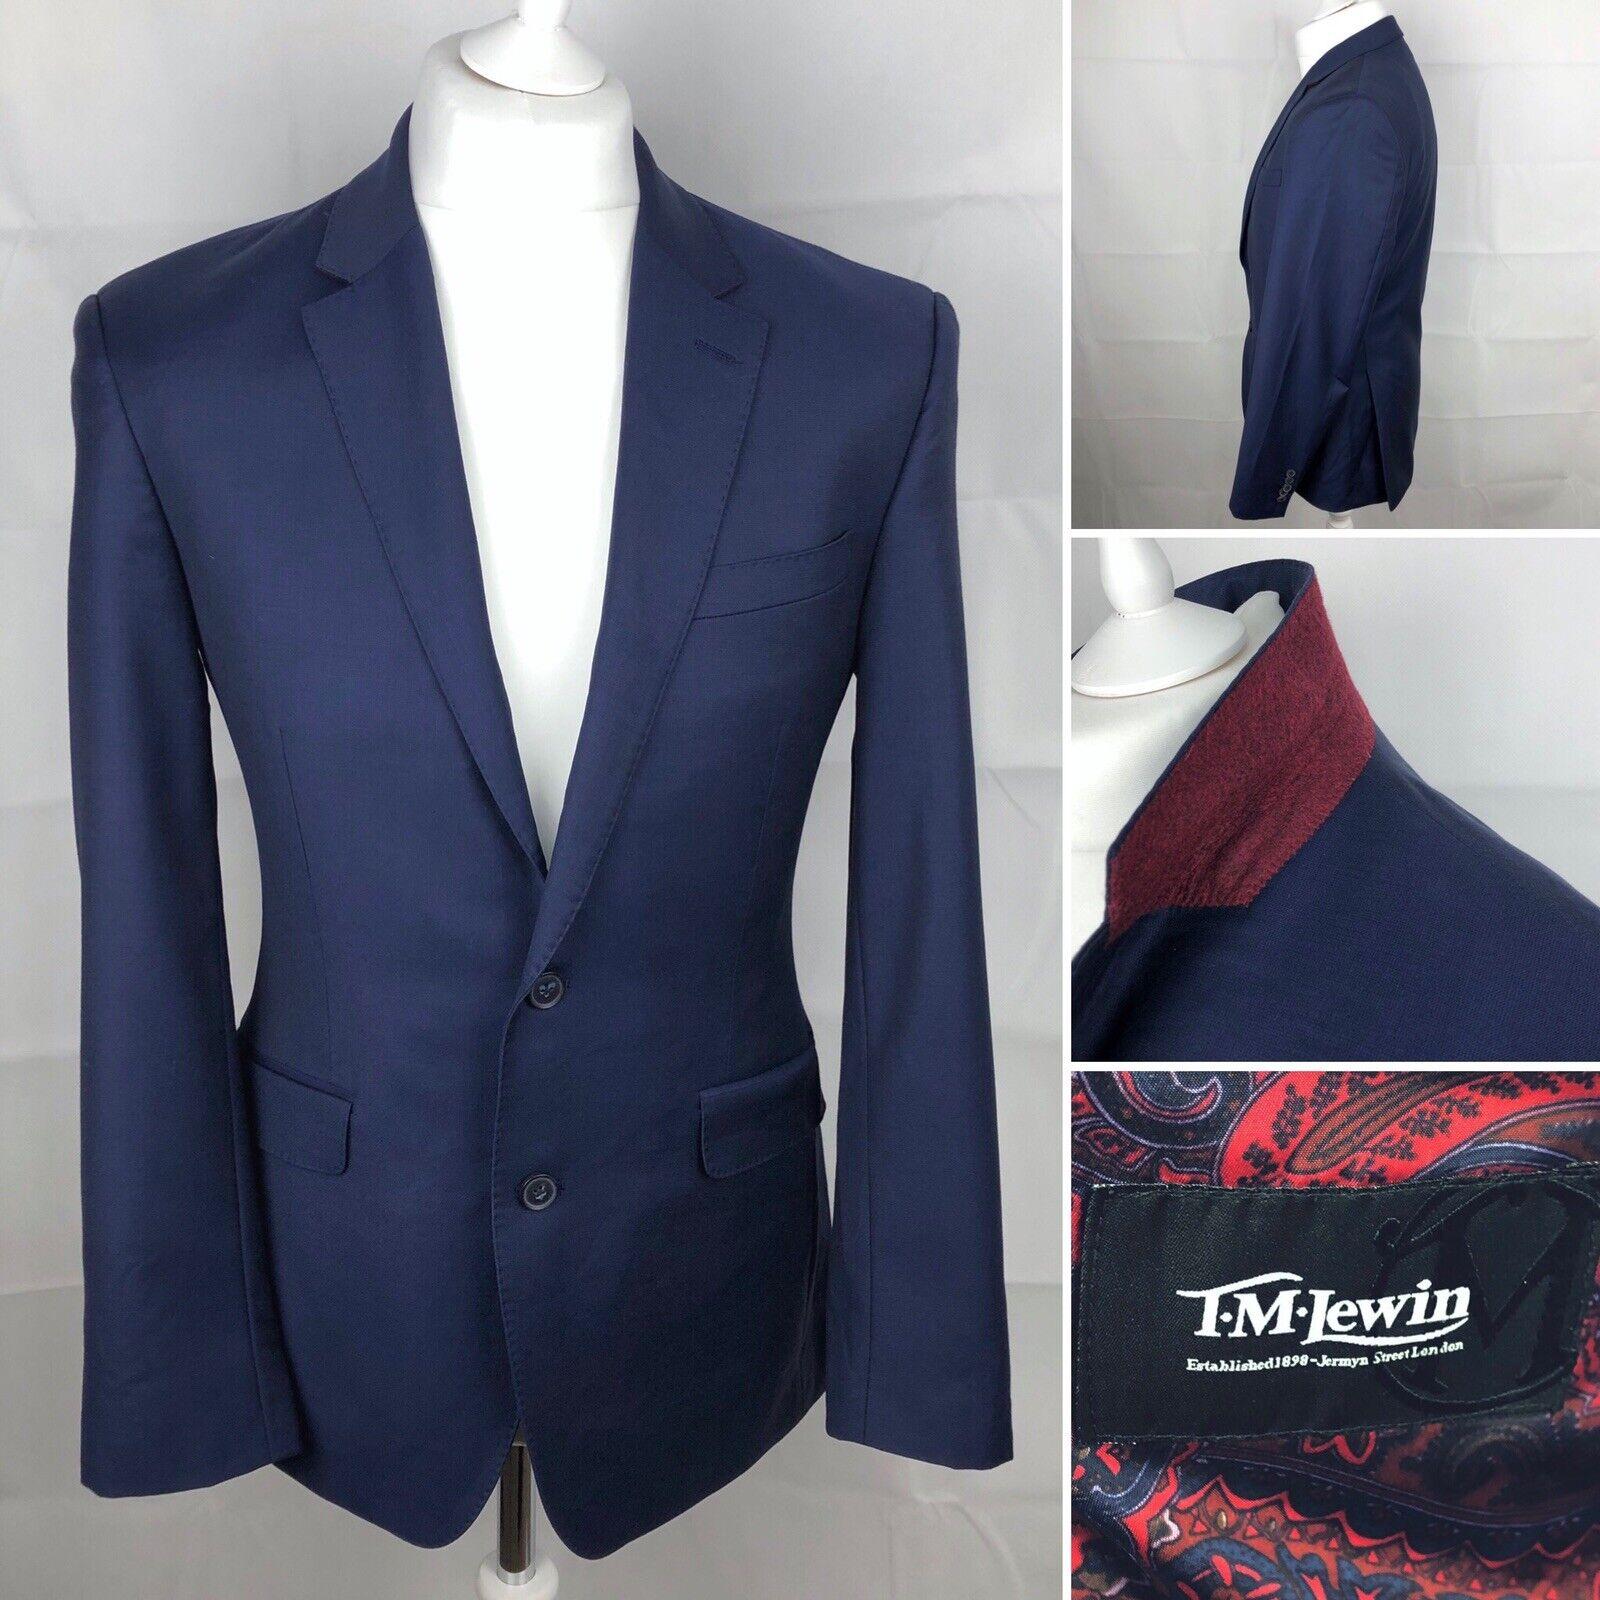 T.M.LEWIN Navy Blau Blazer Größe UK 38R Casual Mens Jacket Wool Races Work Smart